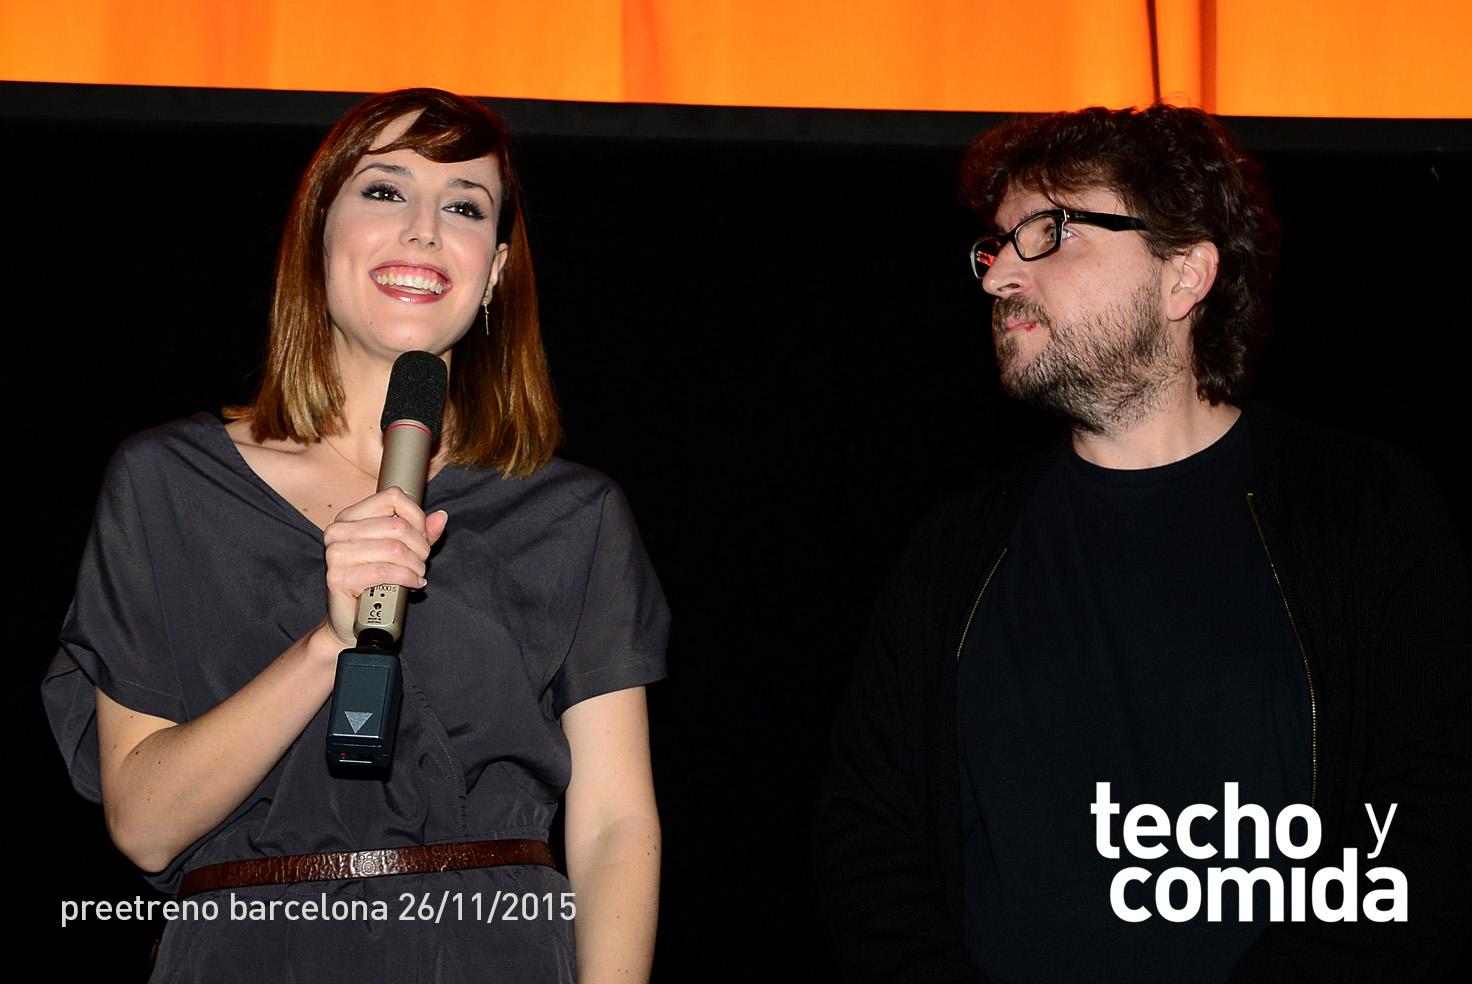 Barcelona_011_Techo y comida